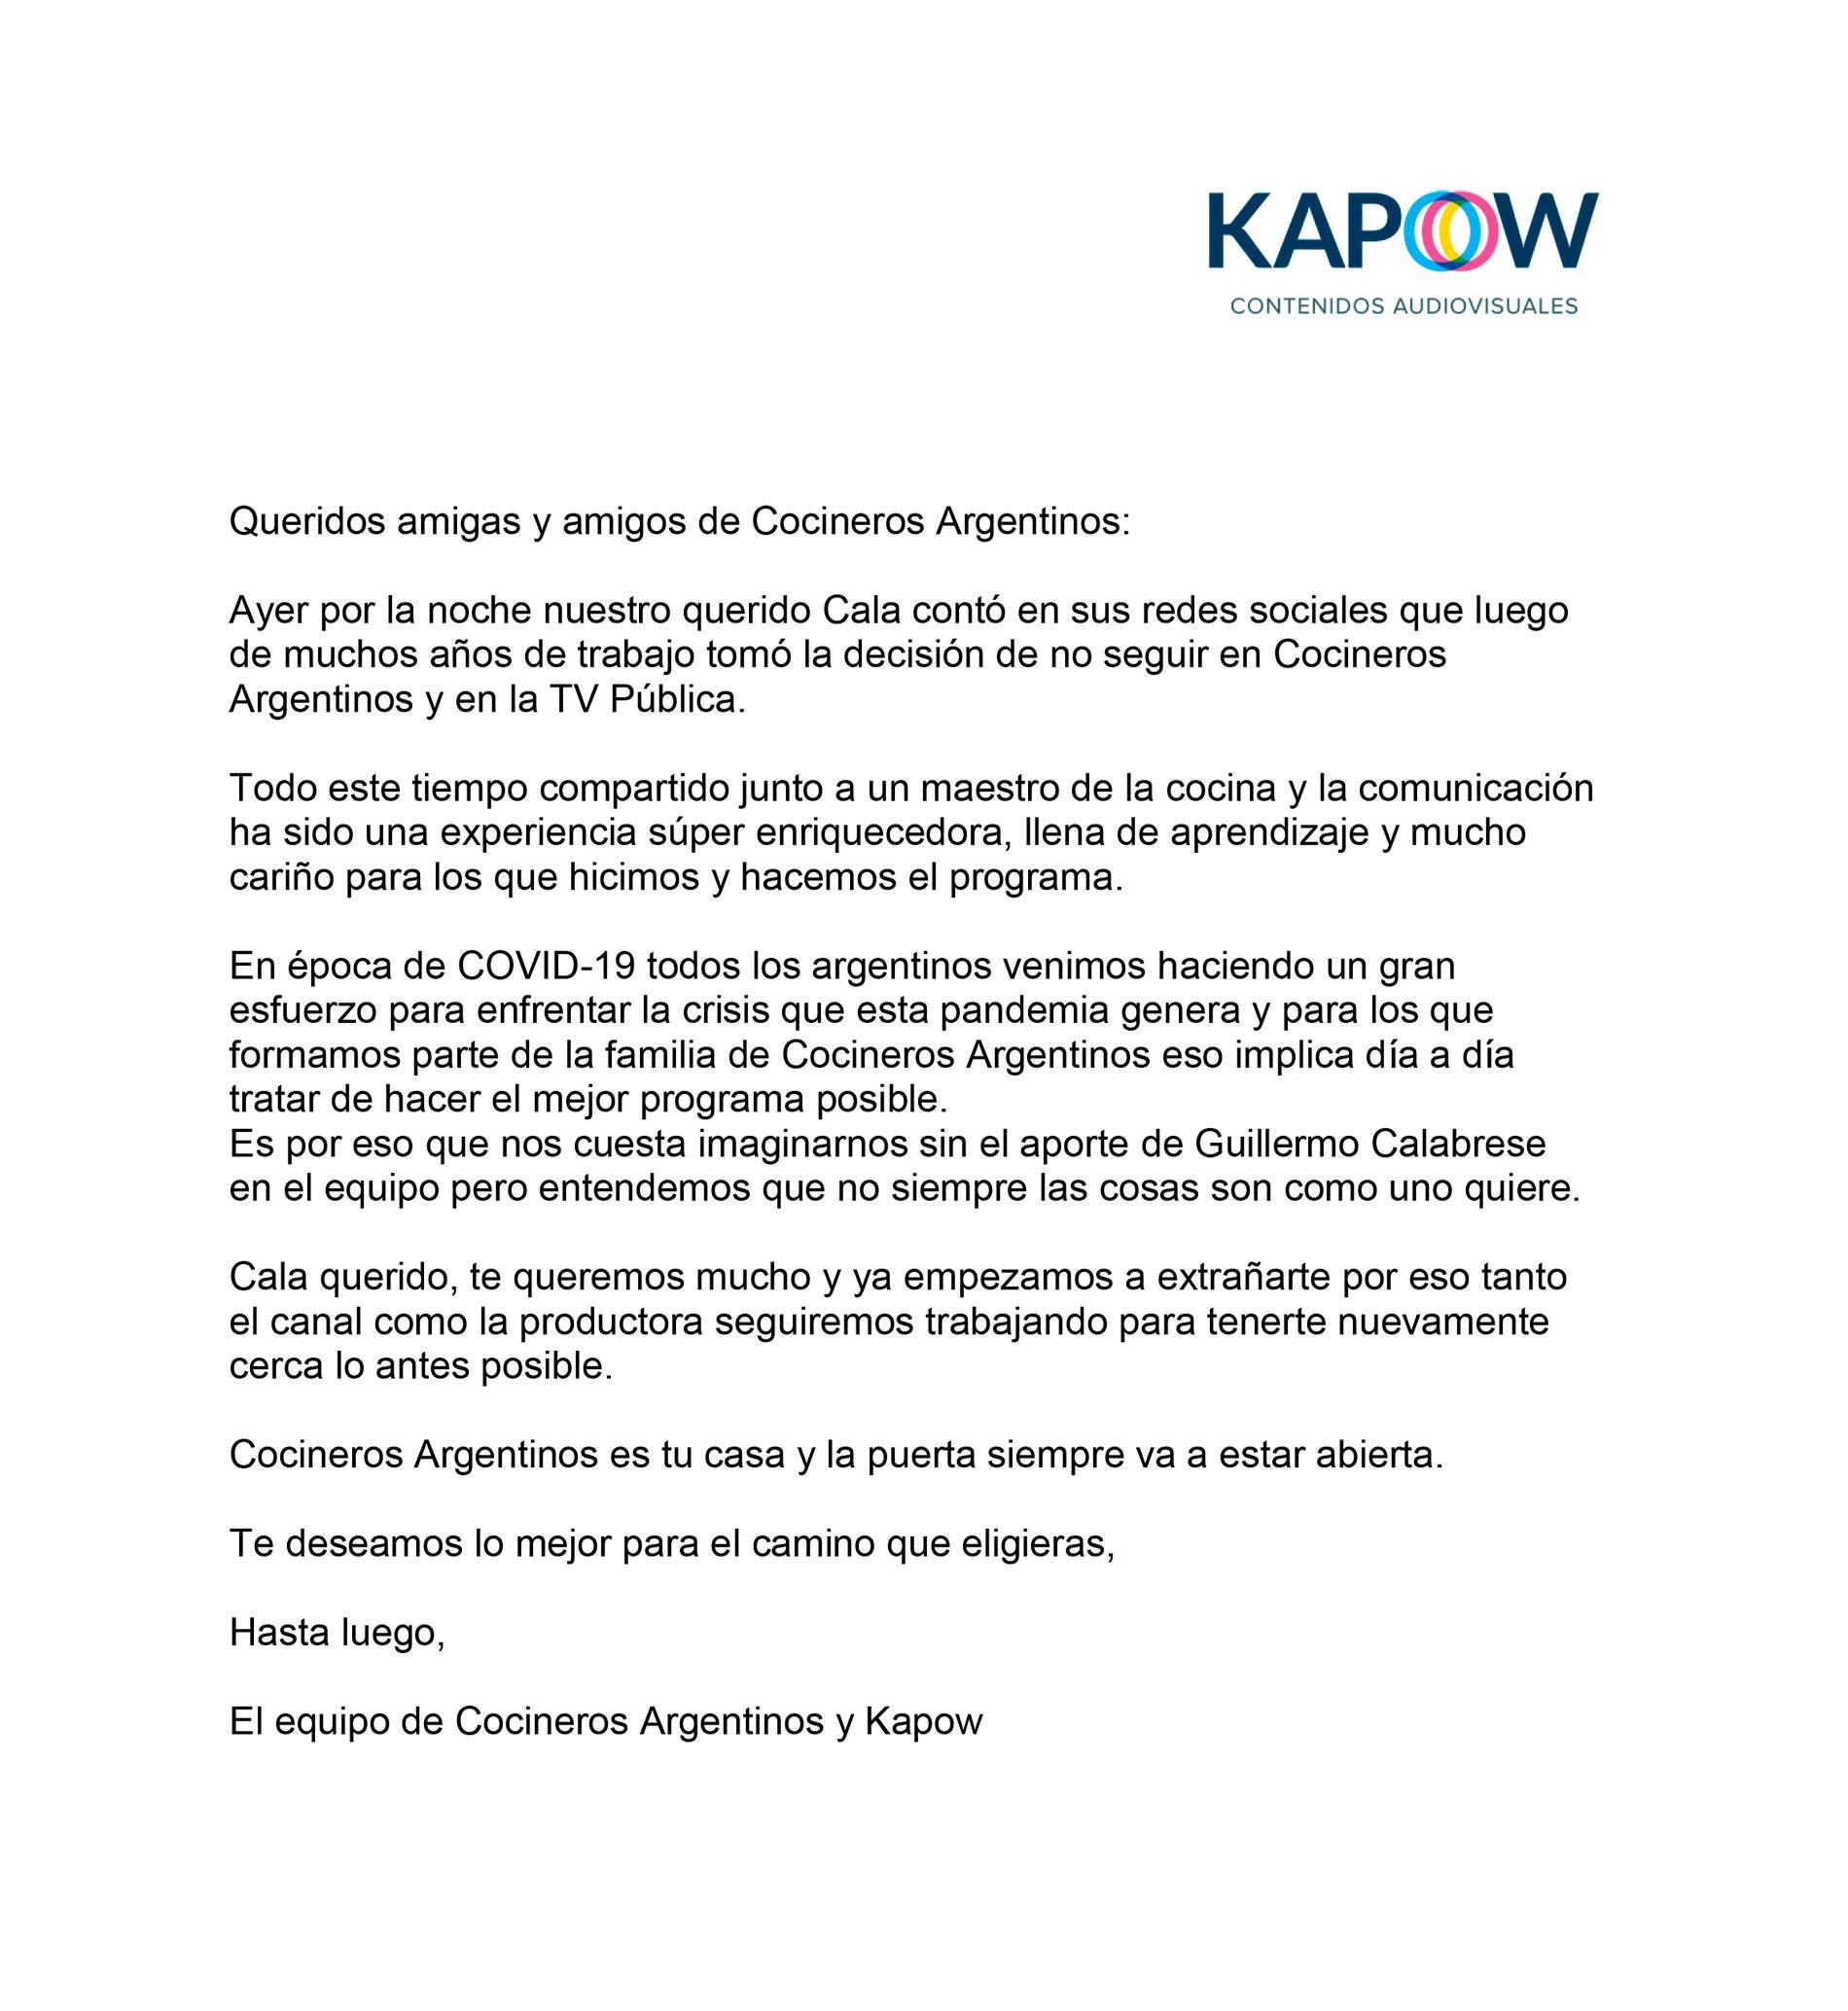 comunicado de Guillermo Calabrese